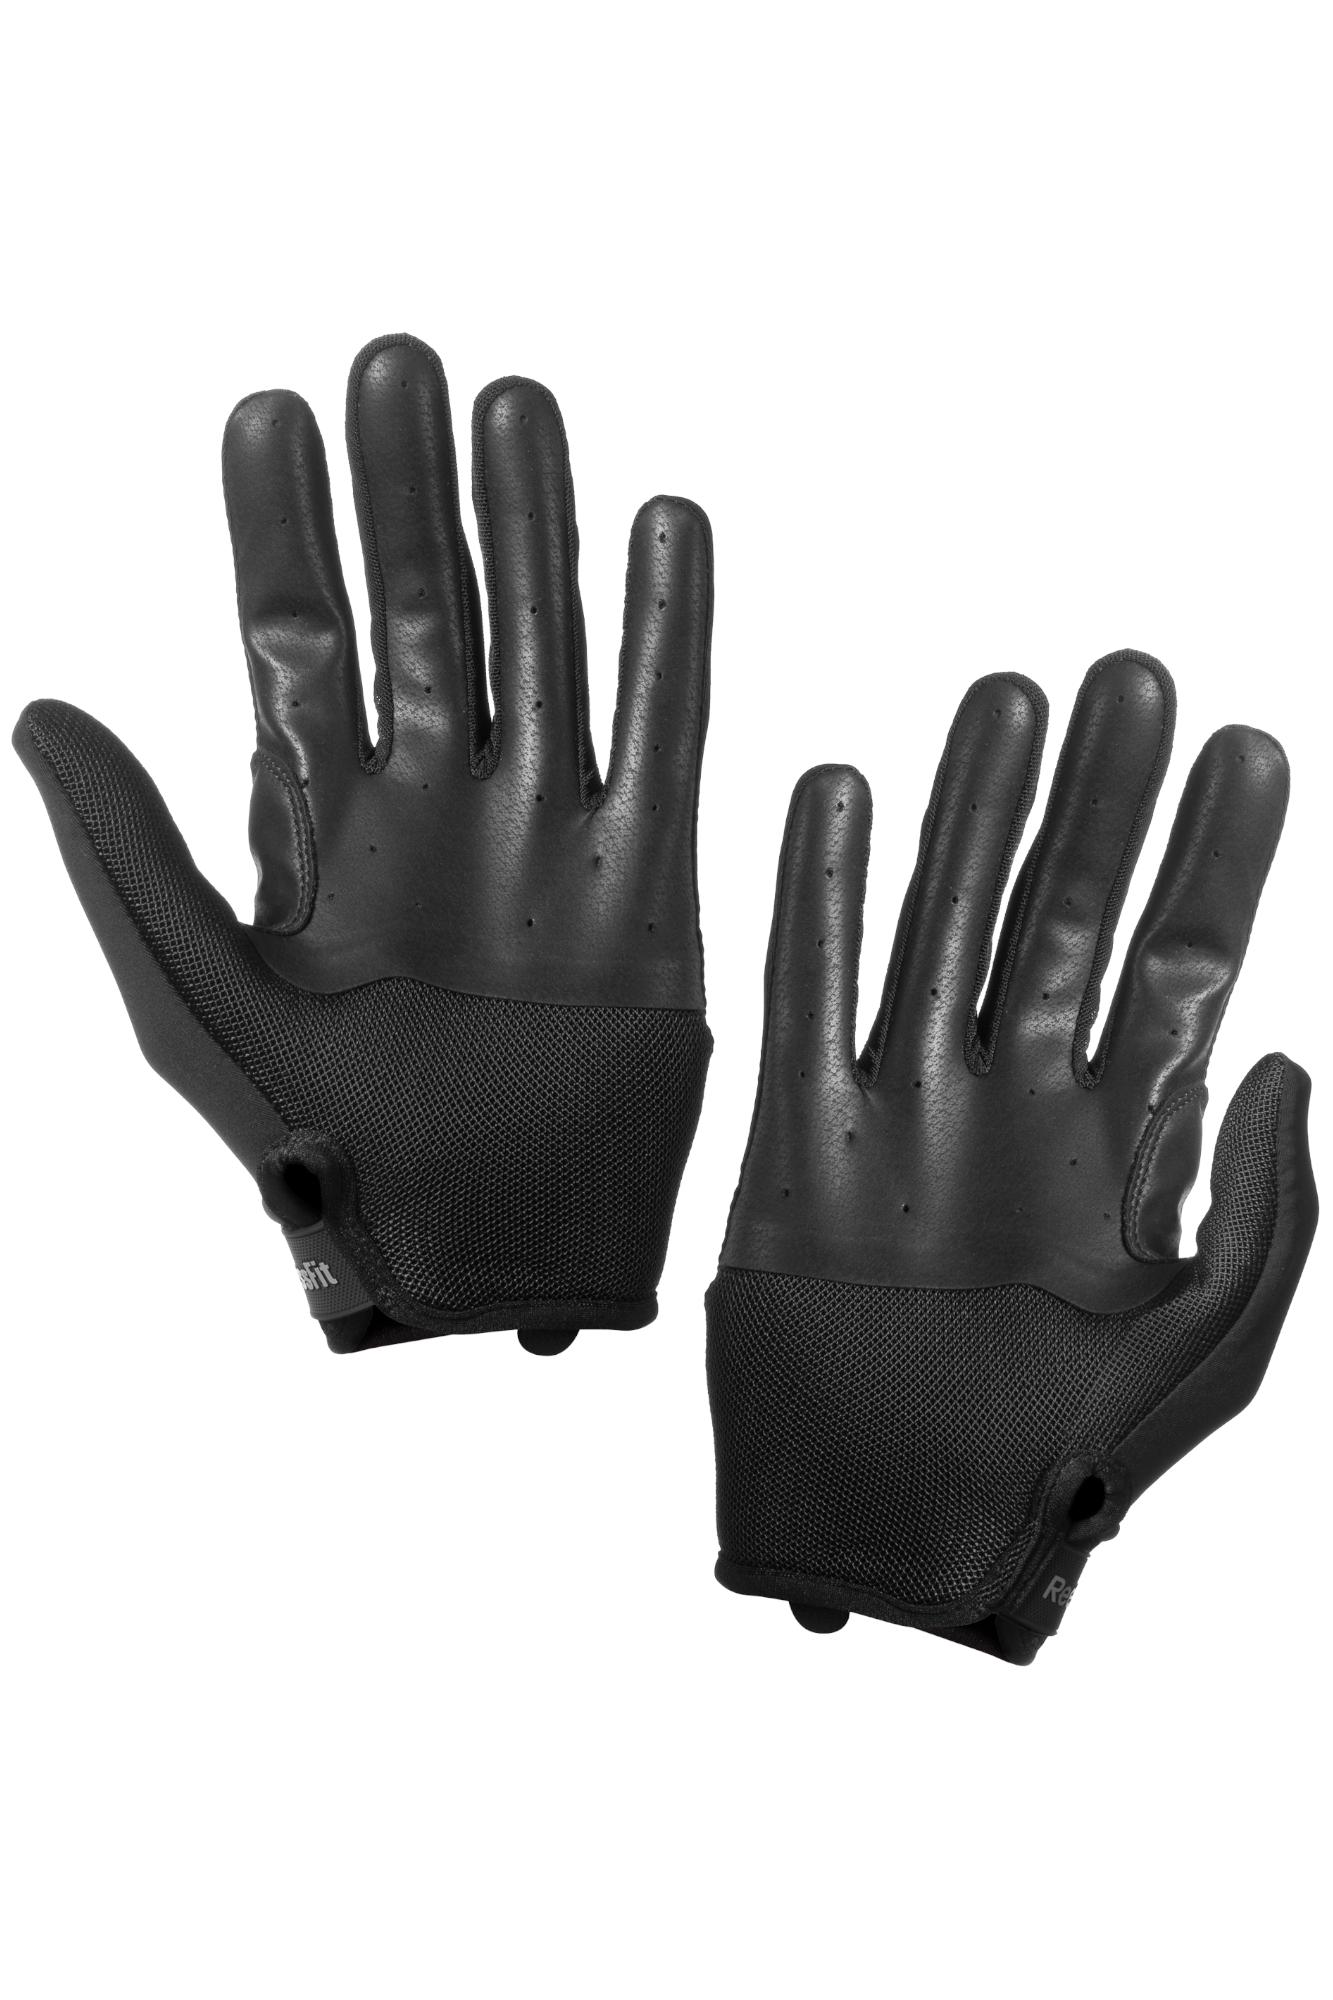 sprzedaje wyprzedaż w sprzedaży Cena obniżona Rękawiczki Reebok CrossFit Unisex Grip - CZ9927 / Rękawiczki ...